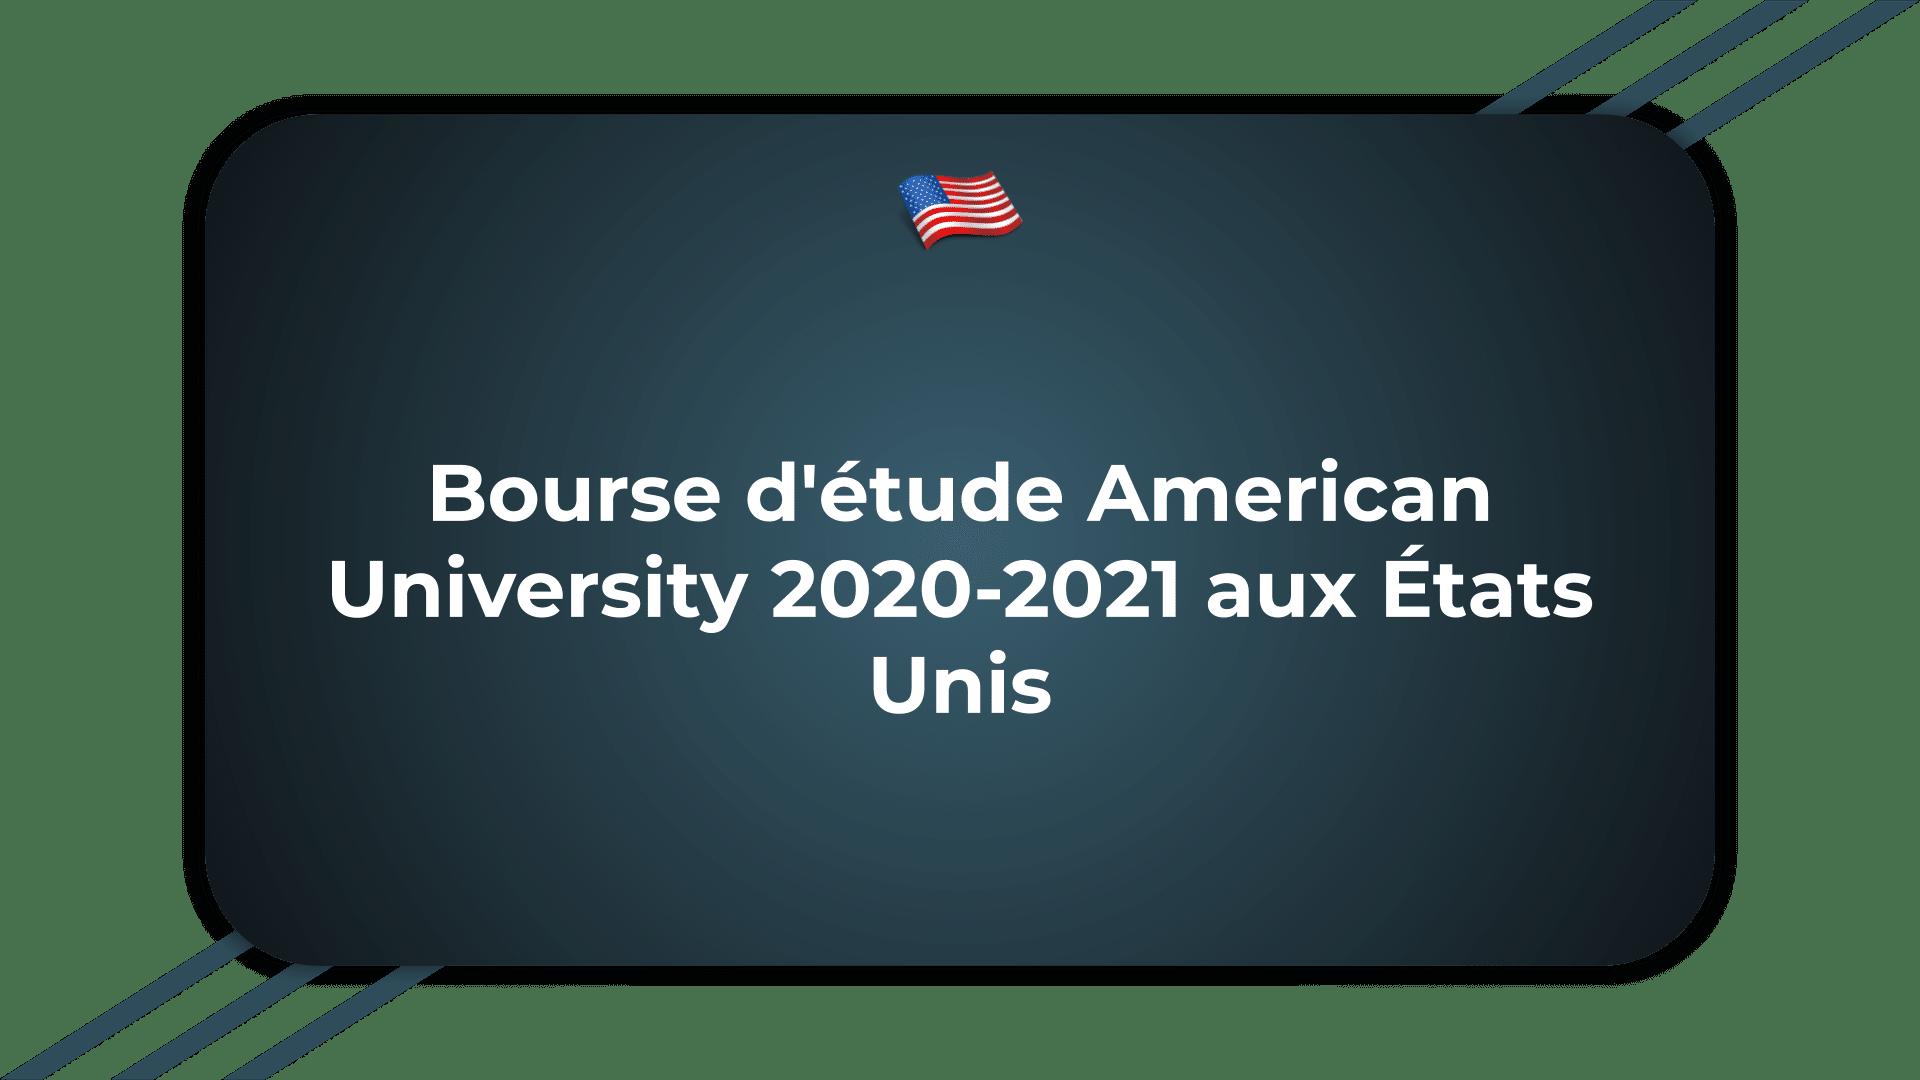 Bourse d'étude American University